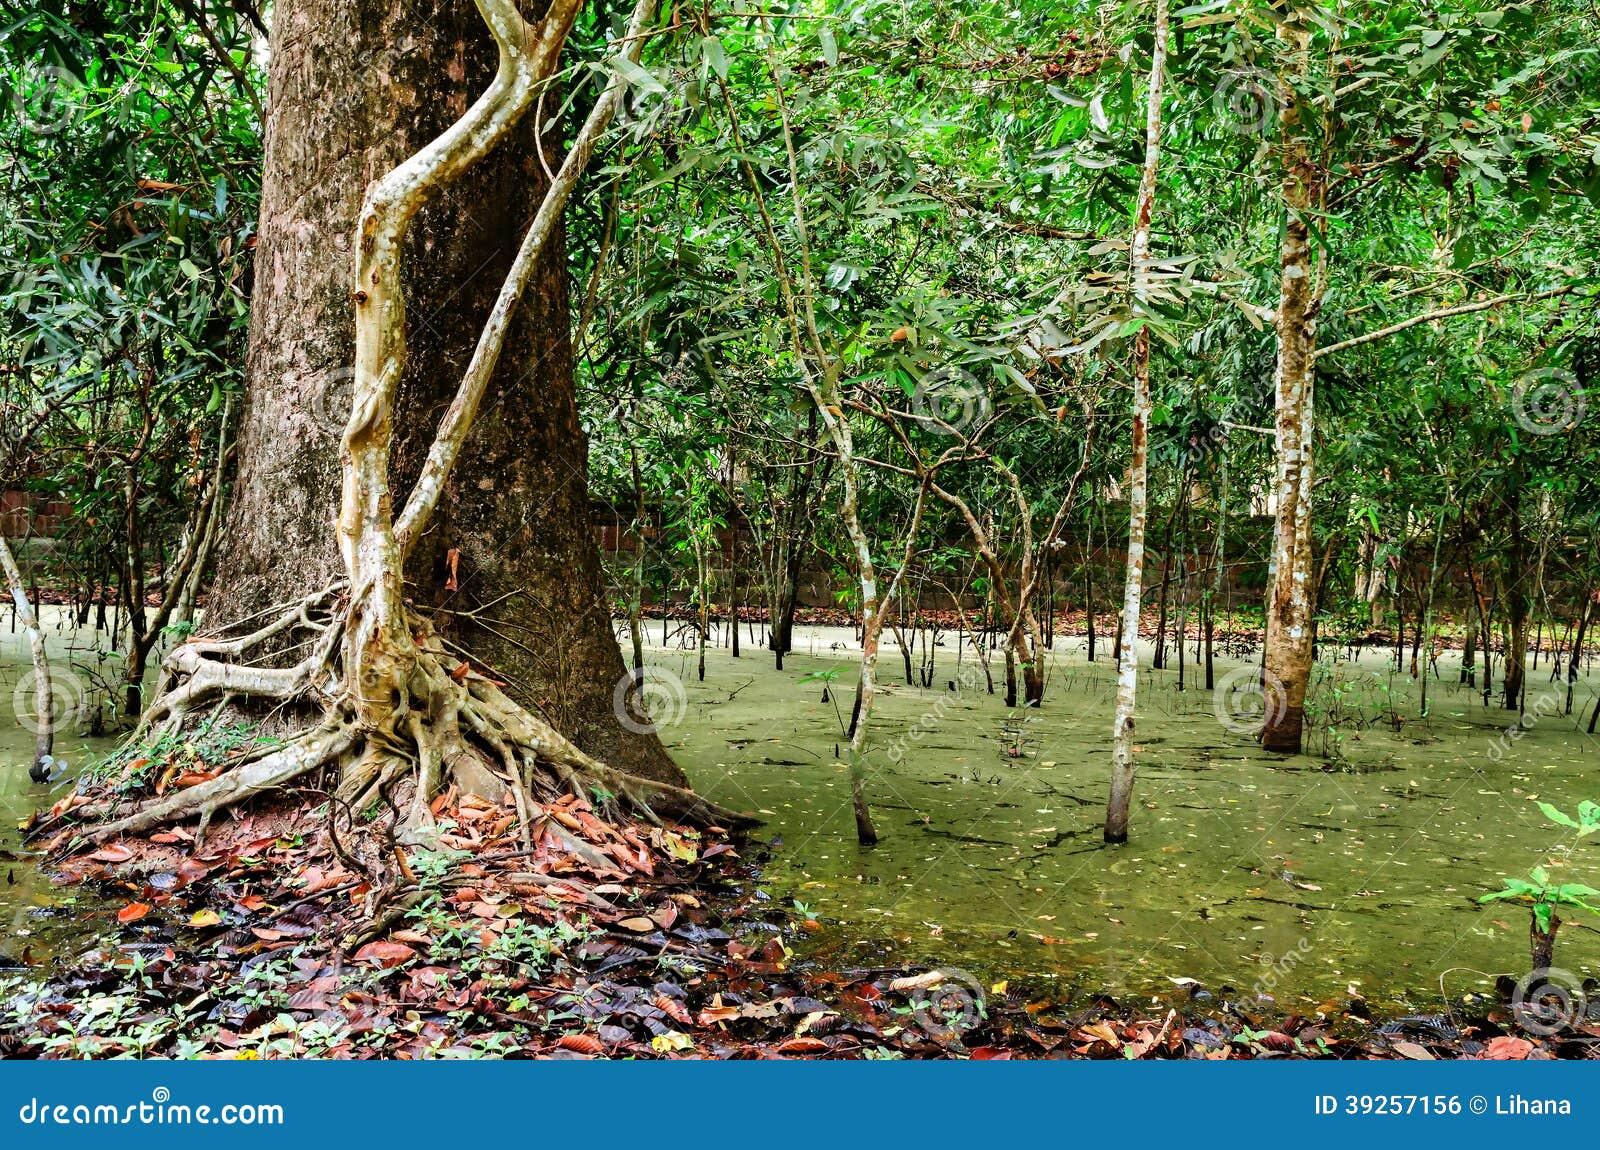 baum mit wurzeln im regenwald dschungel stockfoto bild von barke bl tter 39257156. Black Bedroom Furniture Sets. Home Design Ideas